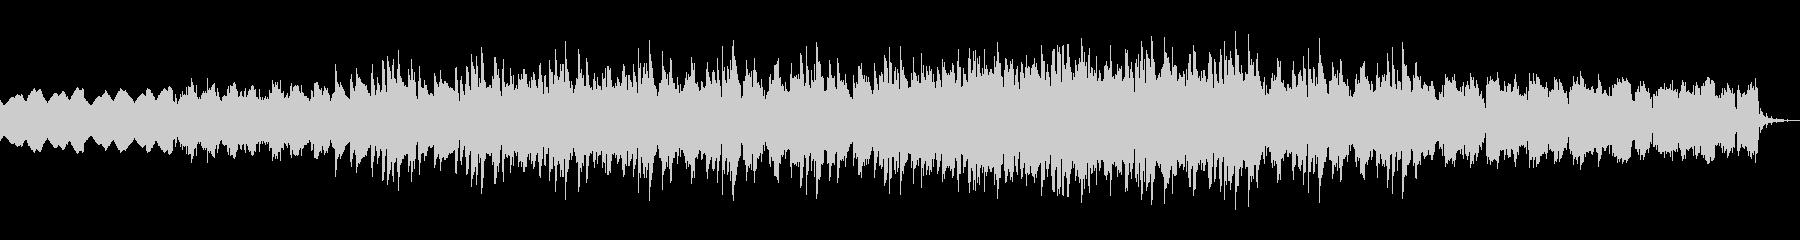 ドラムなしバージョンの未再生の波形